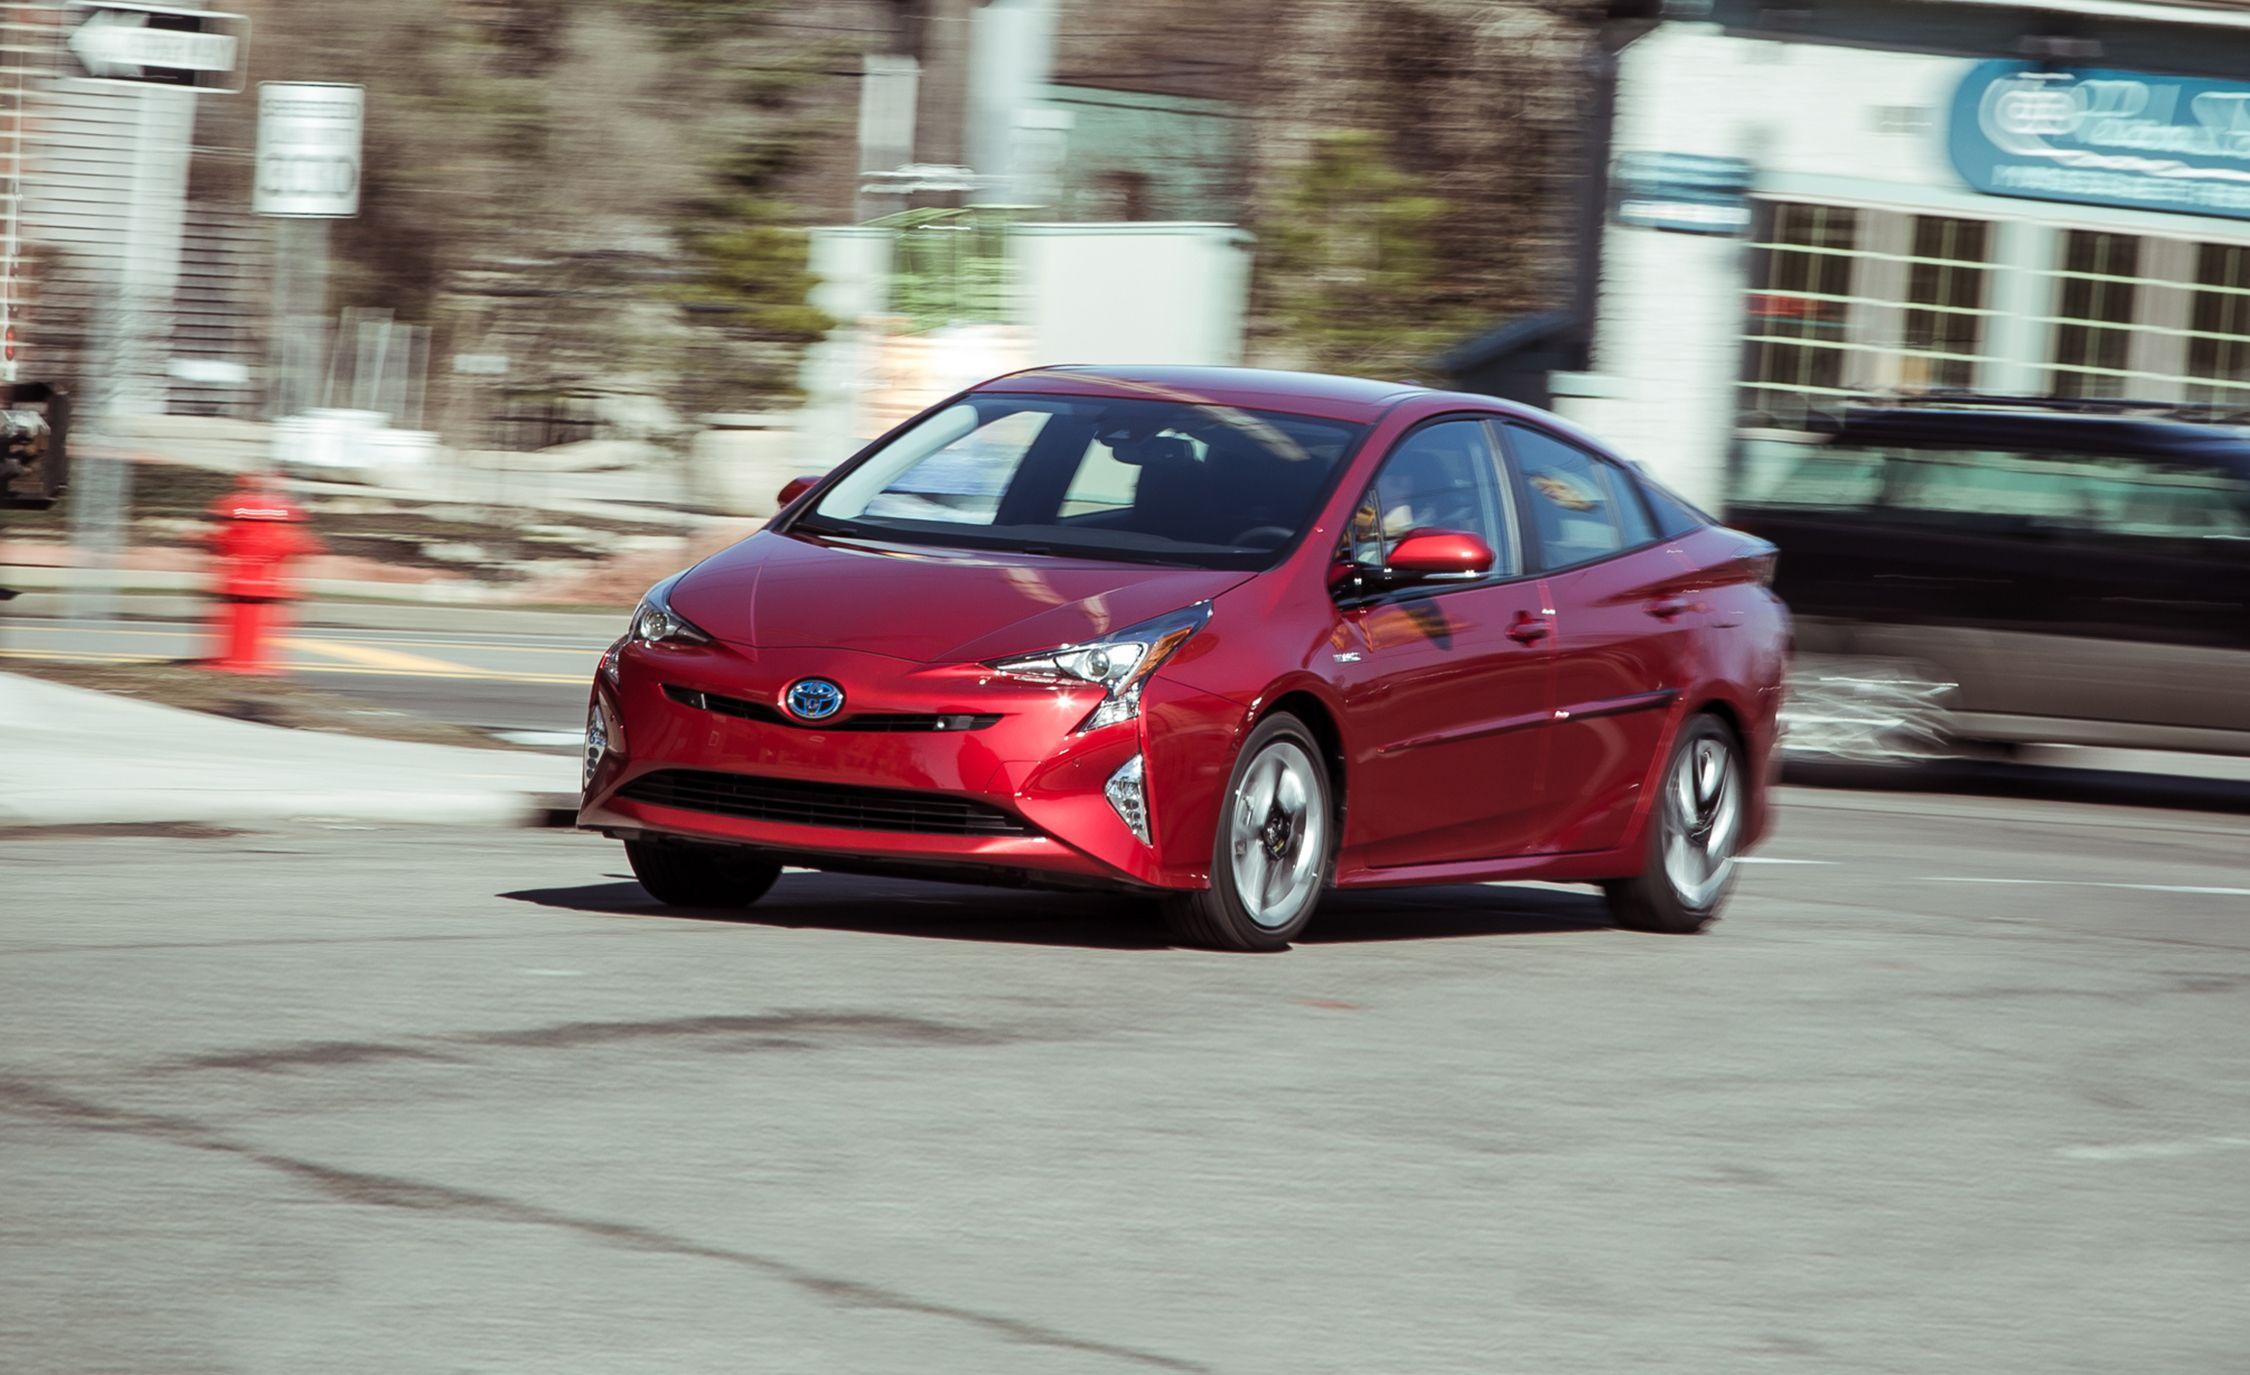 Toyota Prius Reviews   Toyota Prius Price, Photos, and Specs   Car ...